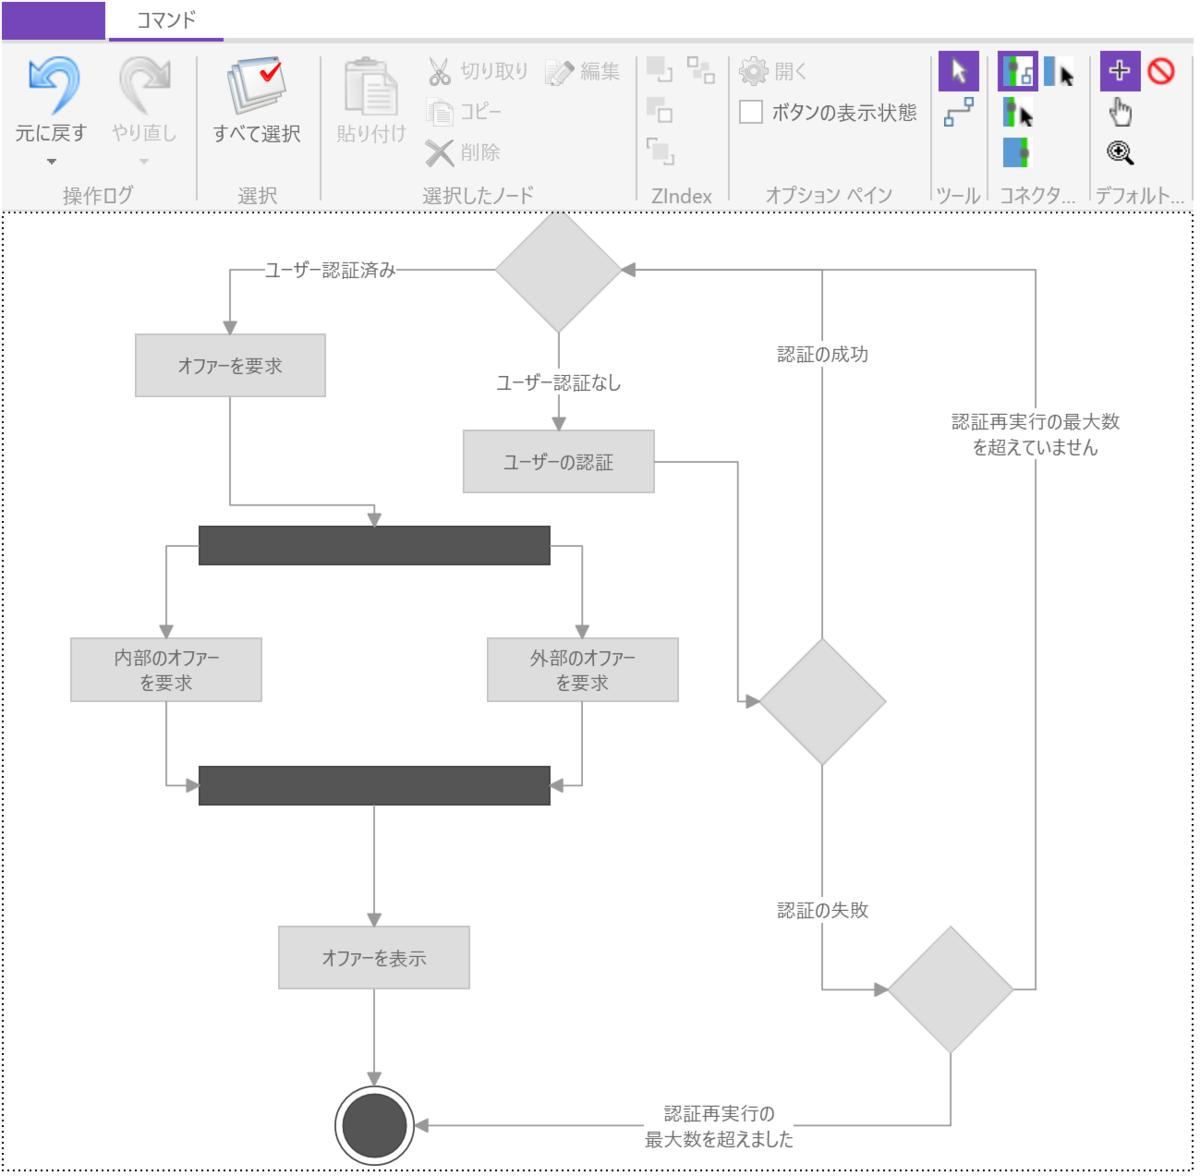 UIコントロール選択ガイド - ダイアグラム - フローチャートの表現